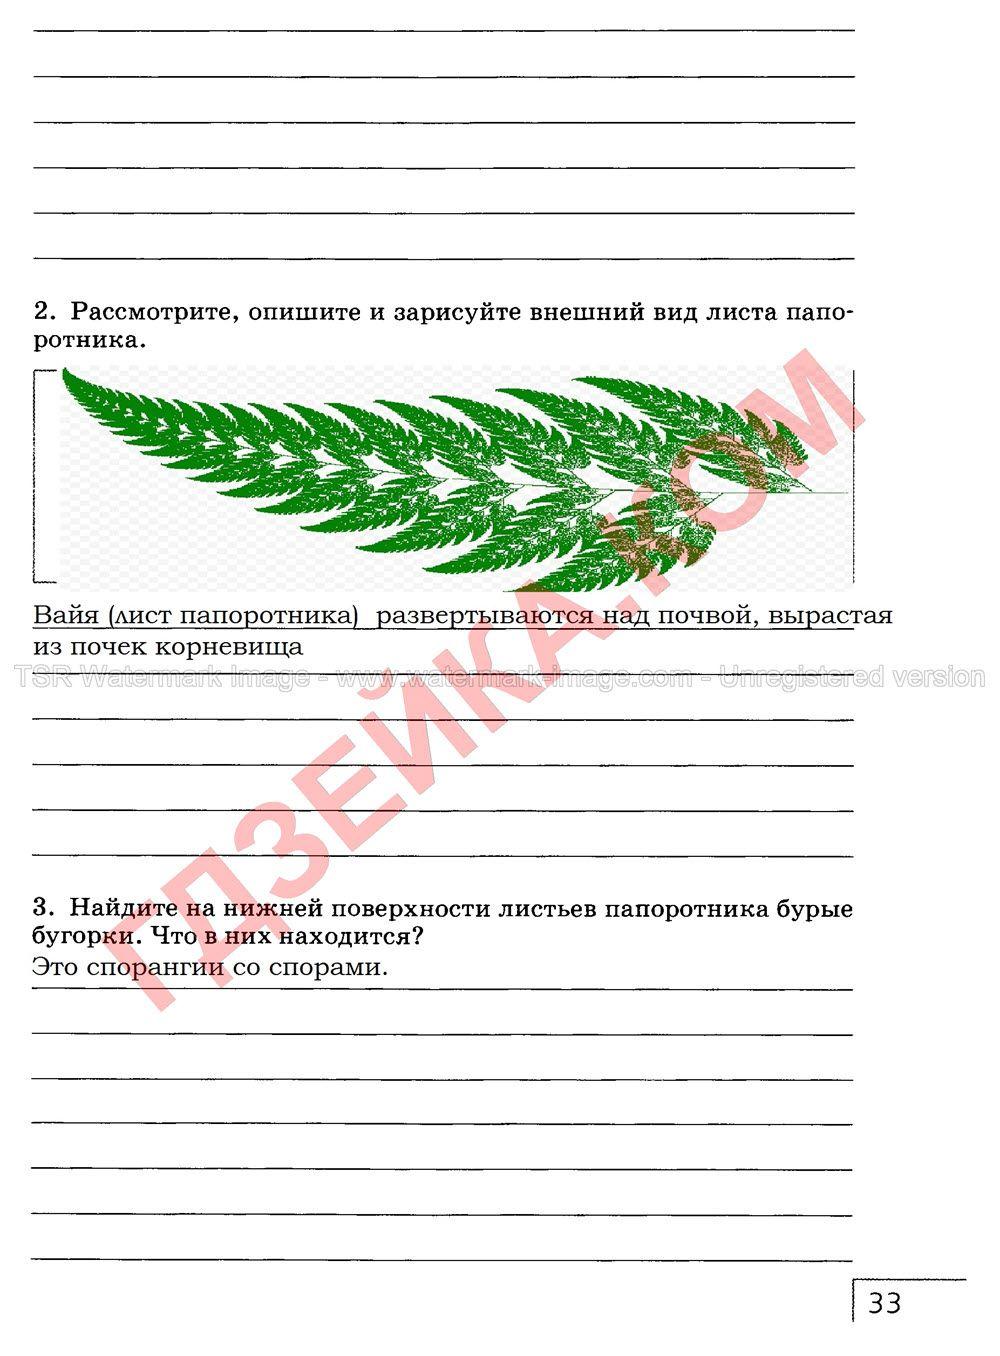 Скачать поурочные планы по обществознанию кравченко 7 класс